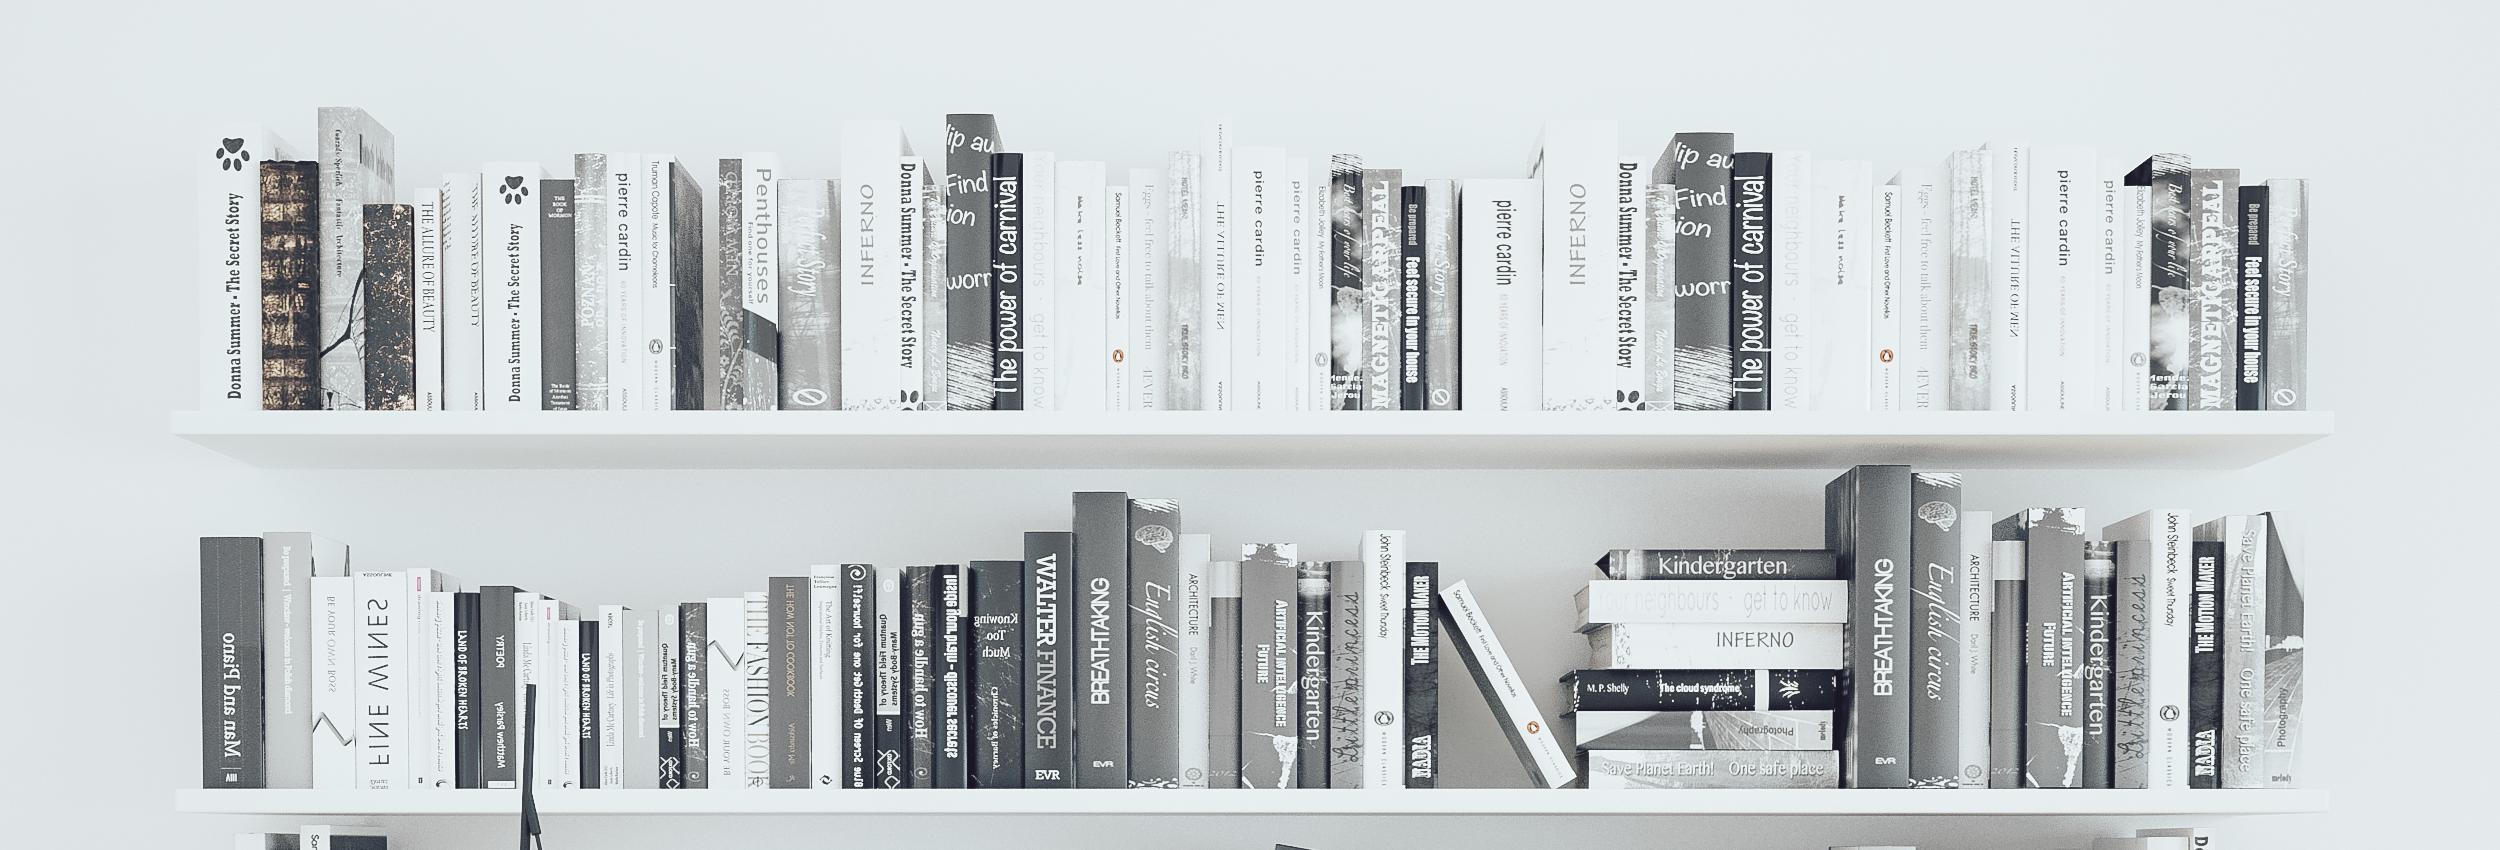 Expert Bielefeld expert journals european open access journals